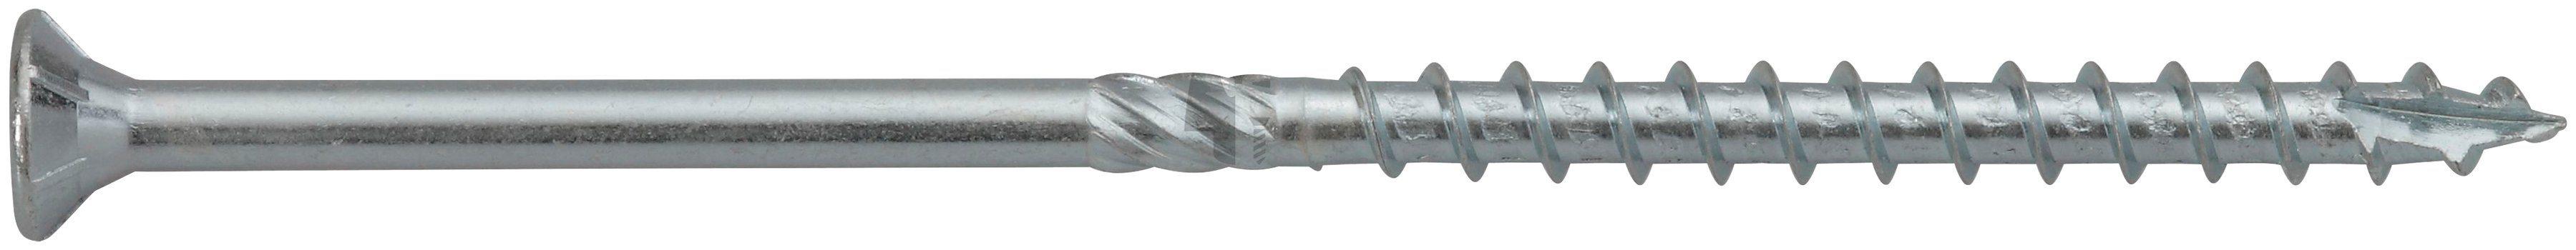 RAMSES Schrauben , Holzbauschraube 10 x 260 mm 10 Stk.